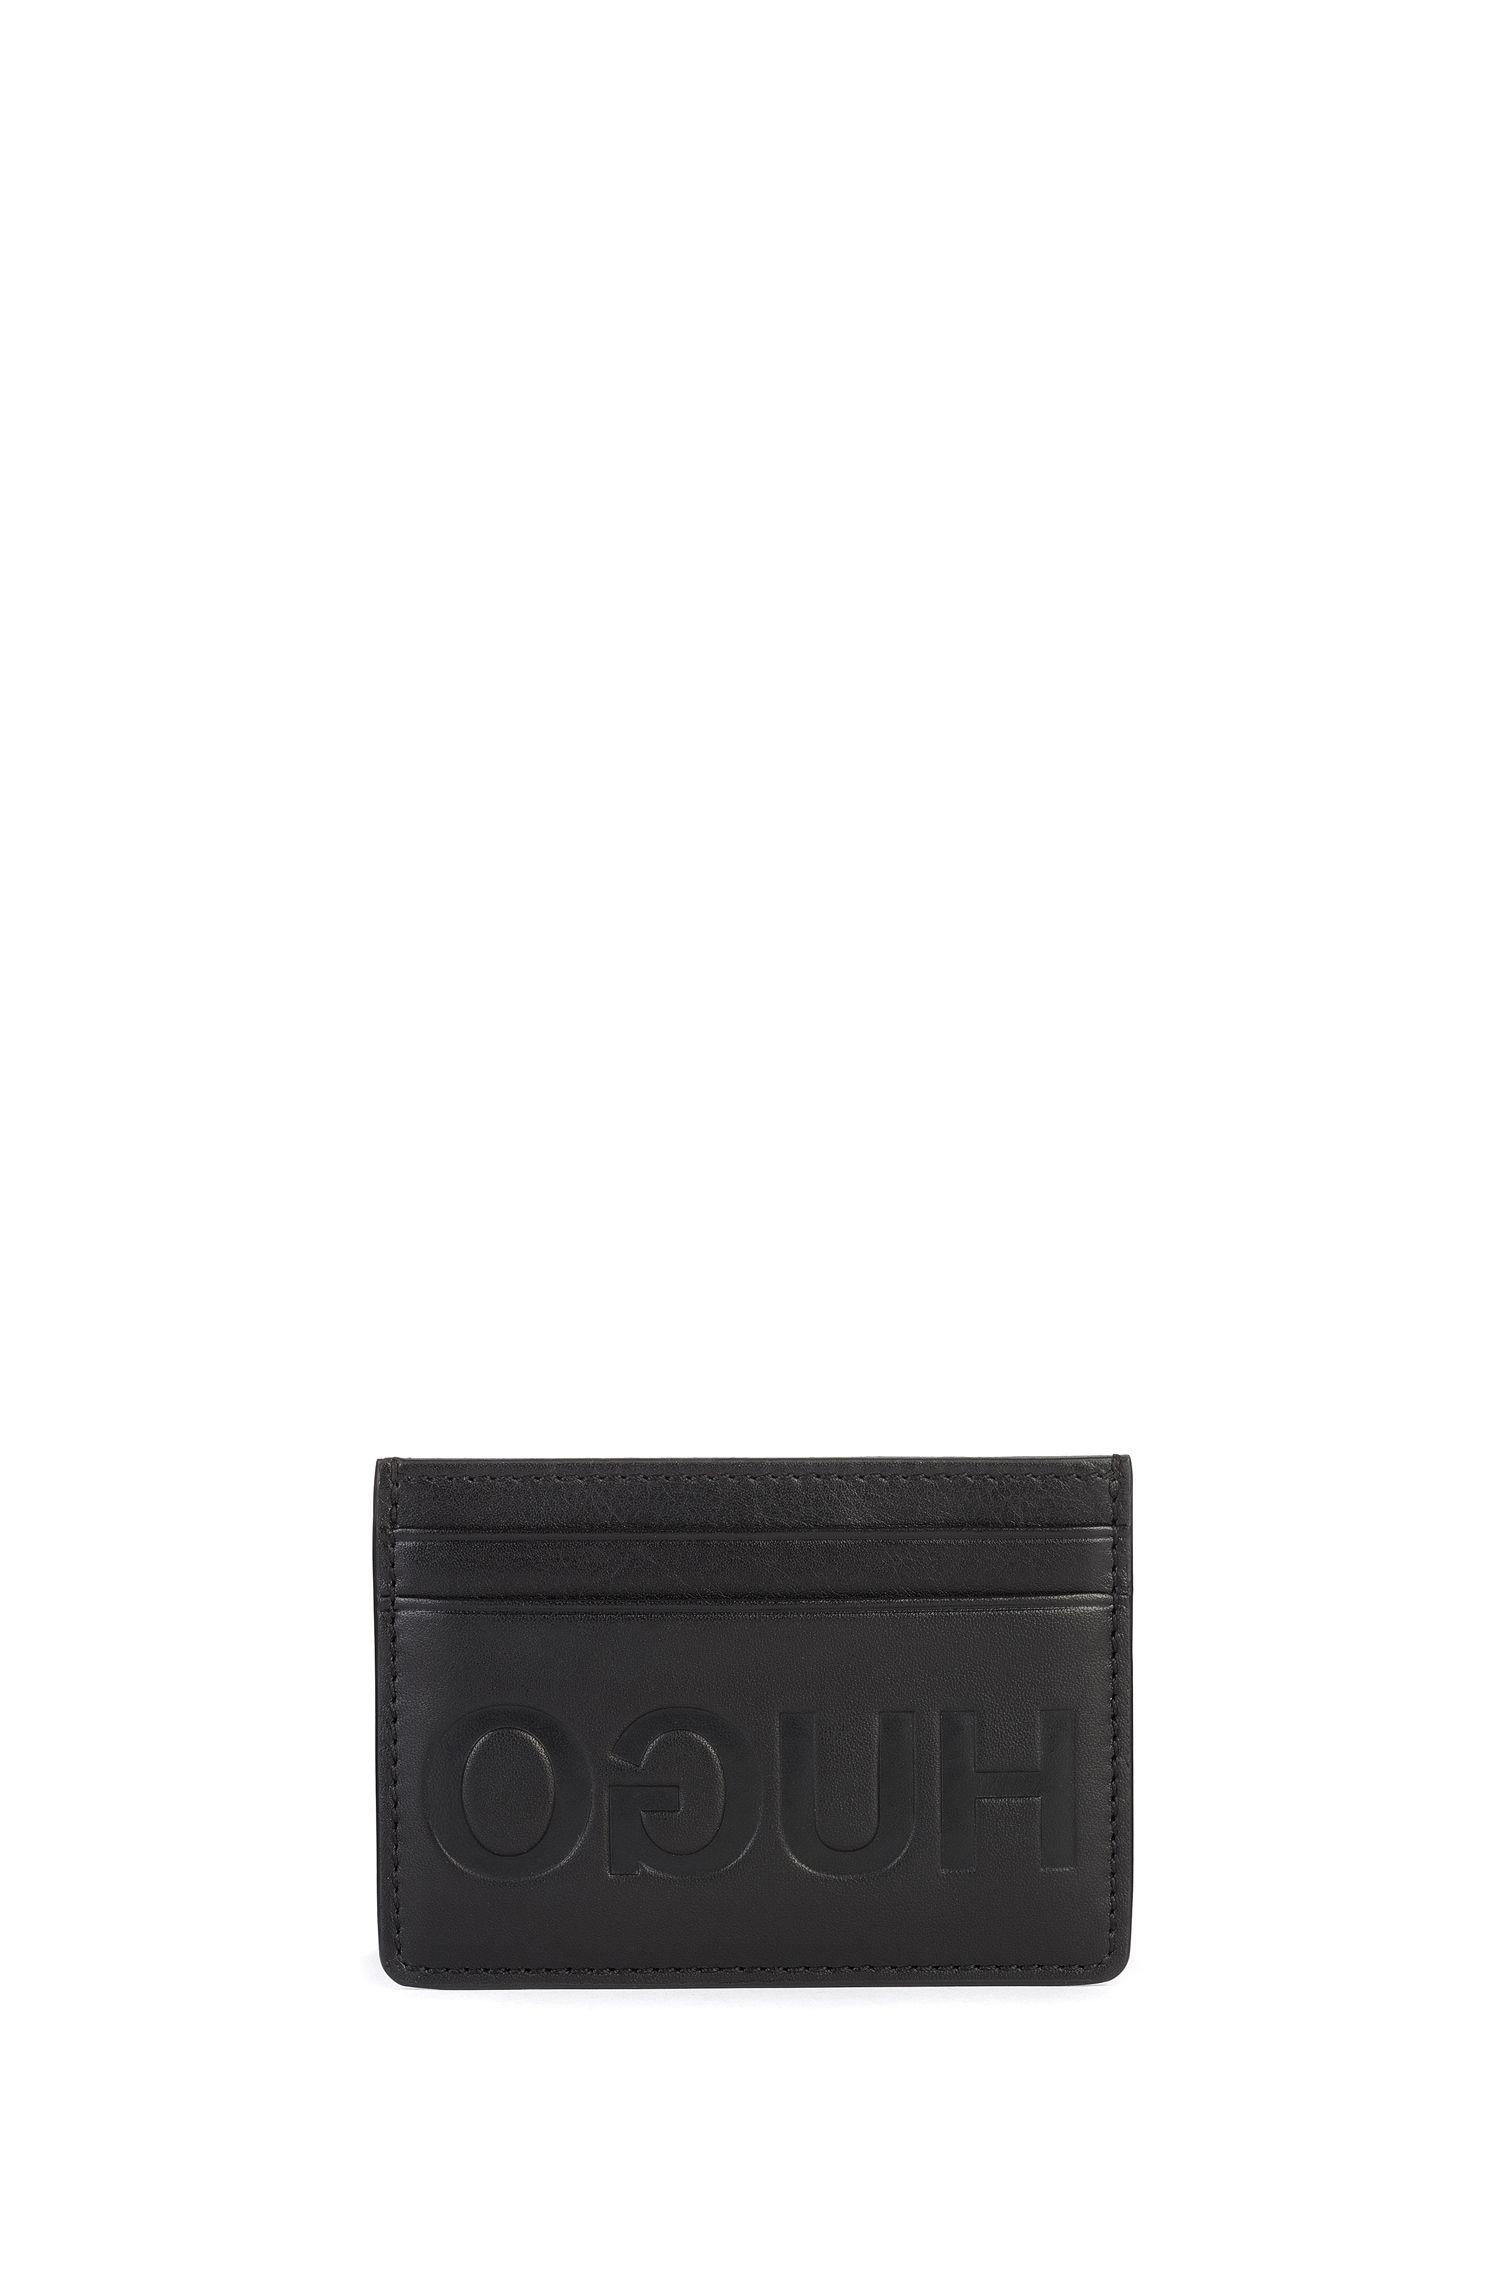 Geschenk-Set mit Kartenetui und Schlüsselanhänger aus Leder, Schwarz